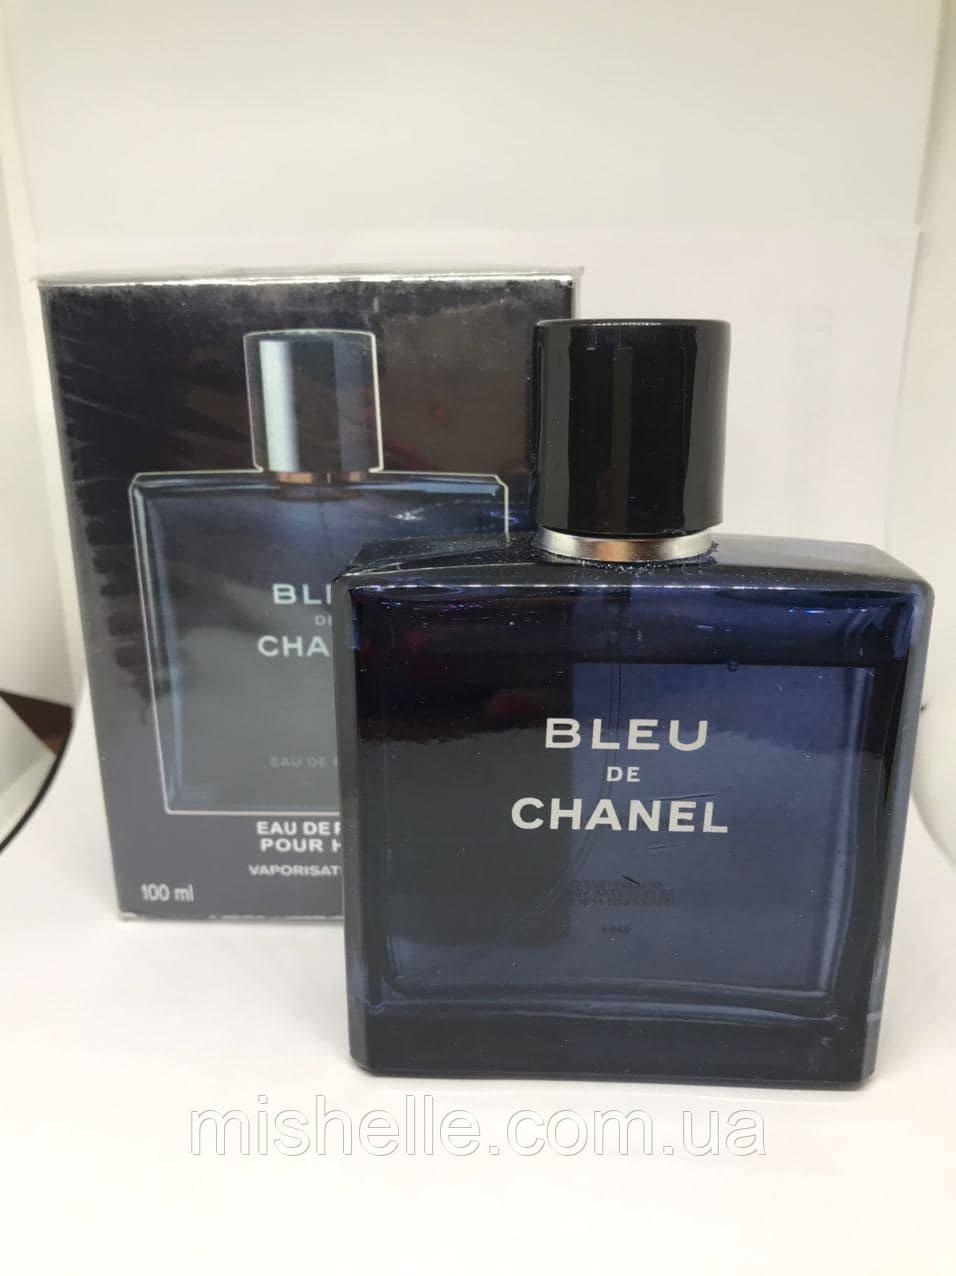 Чоловічий парфум Шанель Блю Де Шанель де парфум (репліка) Уцінки, недолив 10%